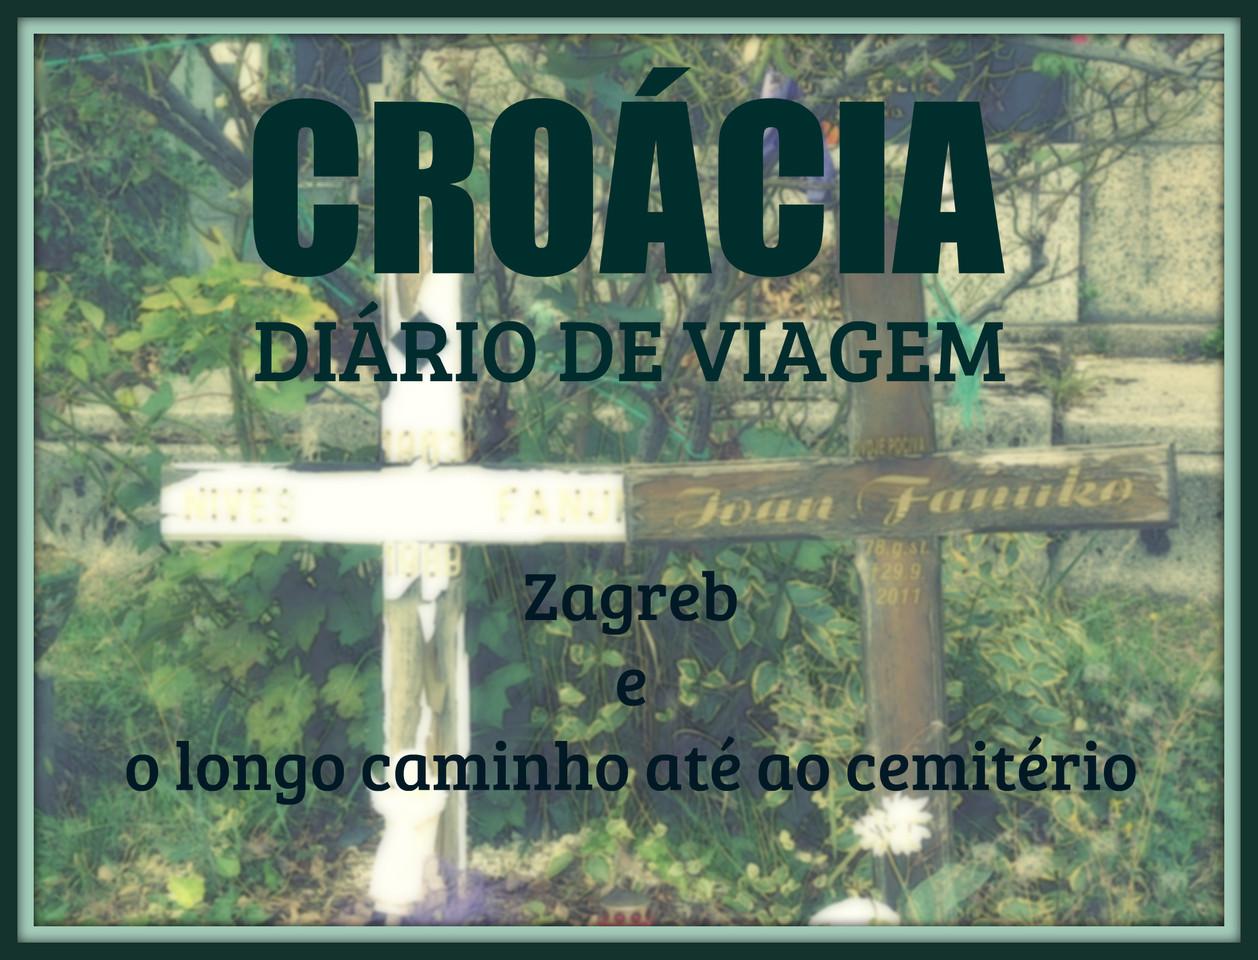 Croácia diário de viagem III.jpg